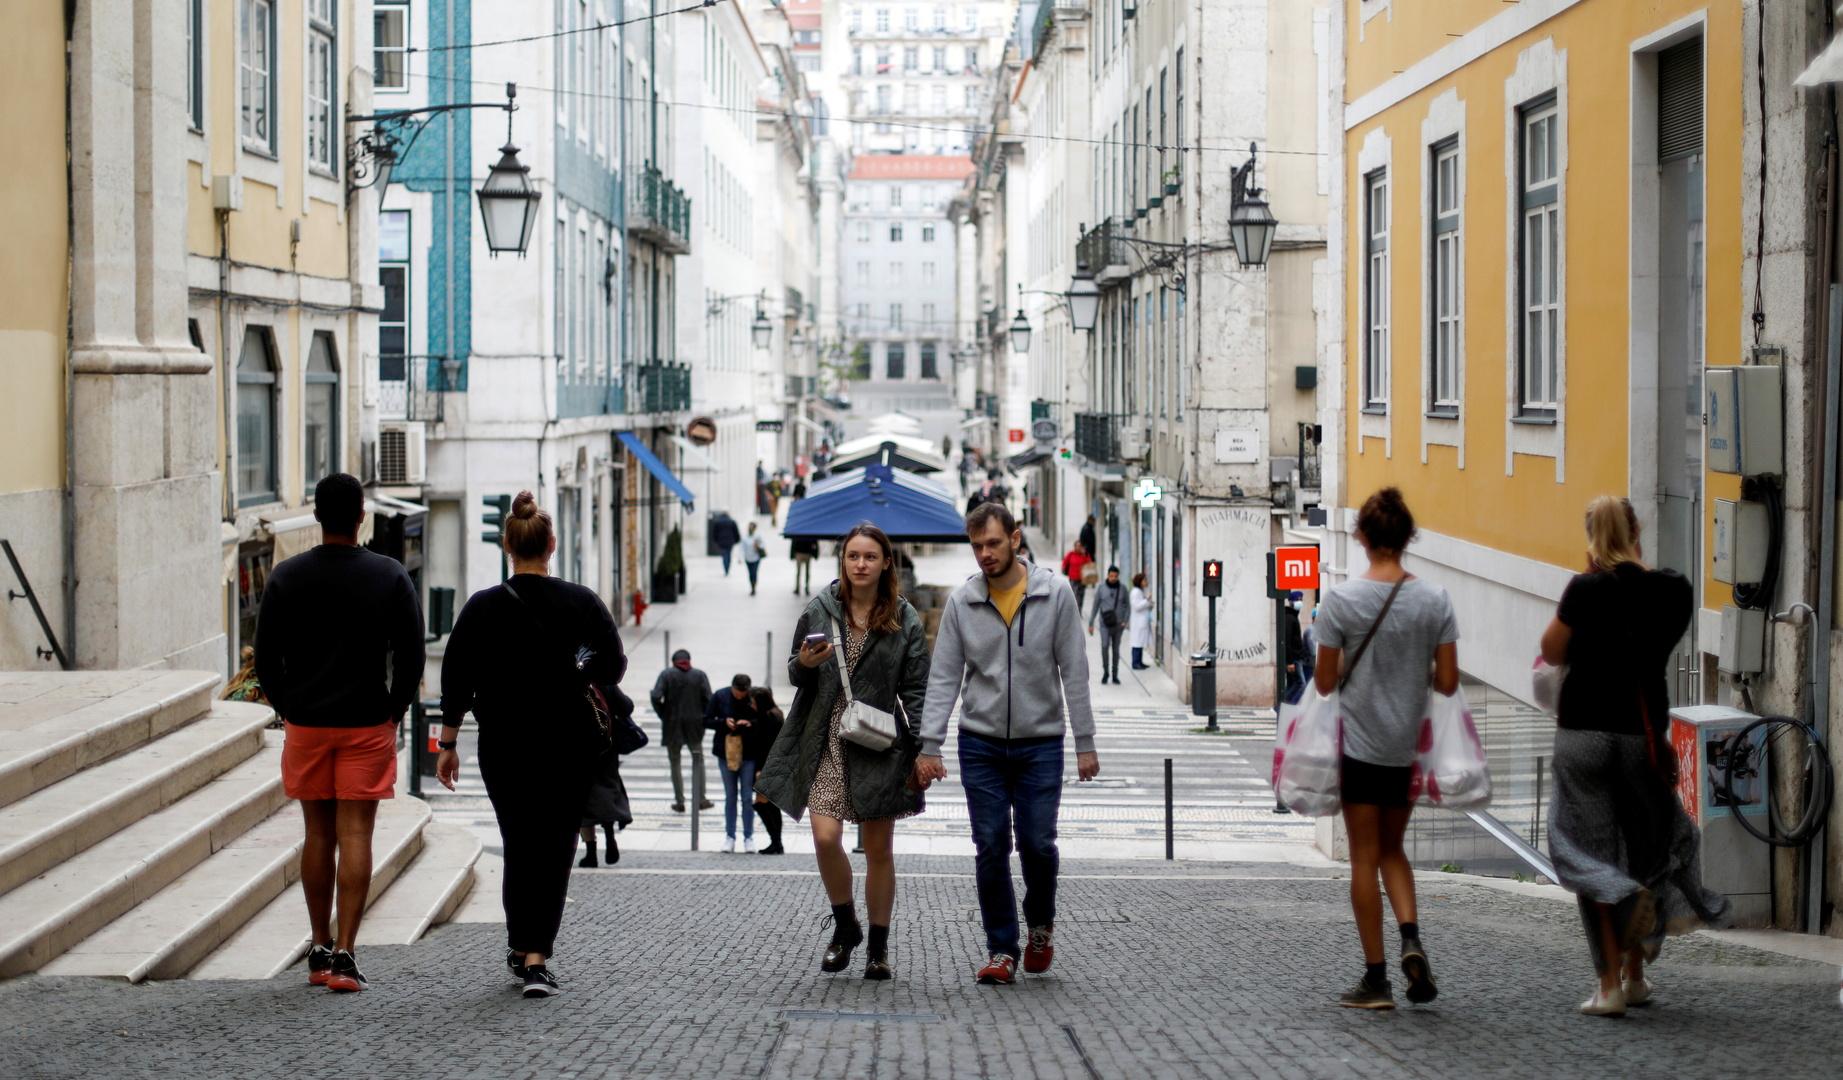 البرتغال تسجل حصيلة غير مسبوقة للوفيات اليومية بكورونا